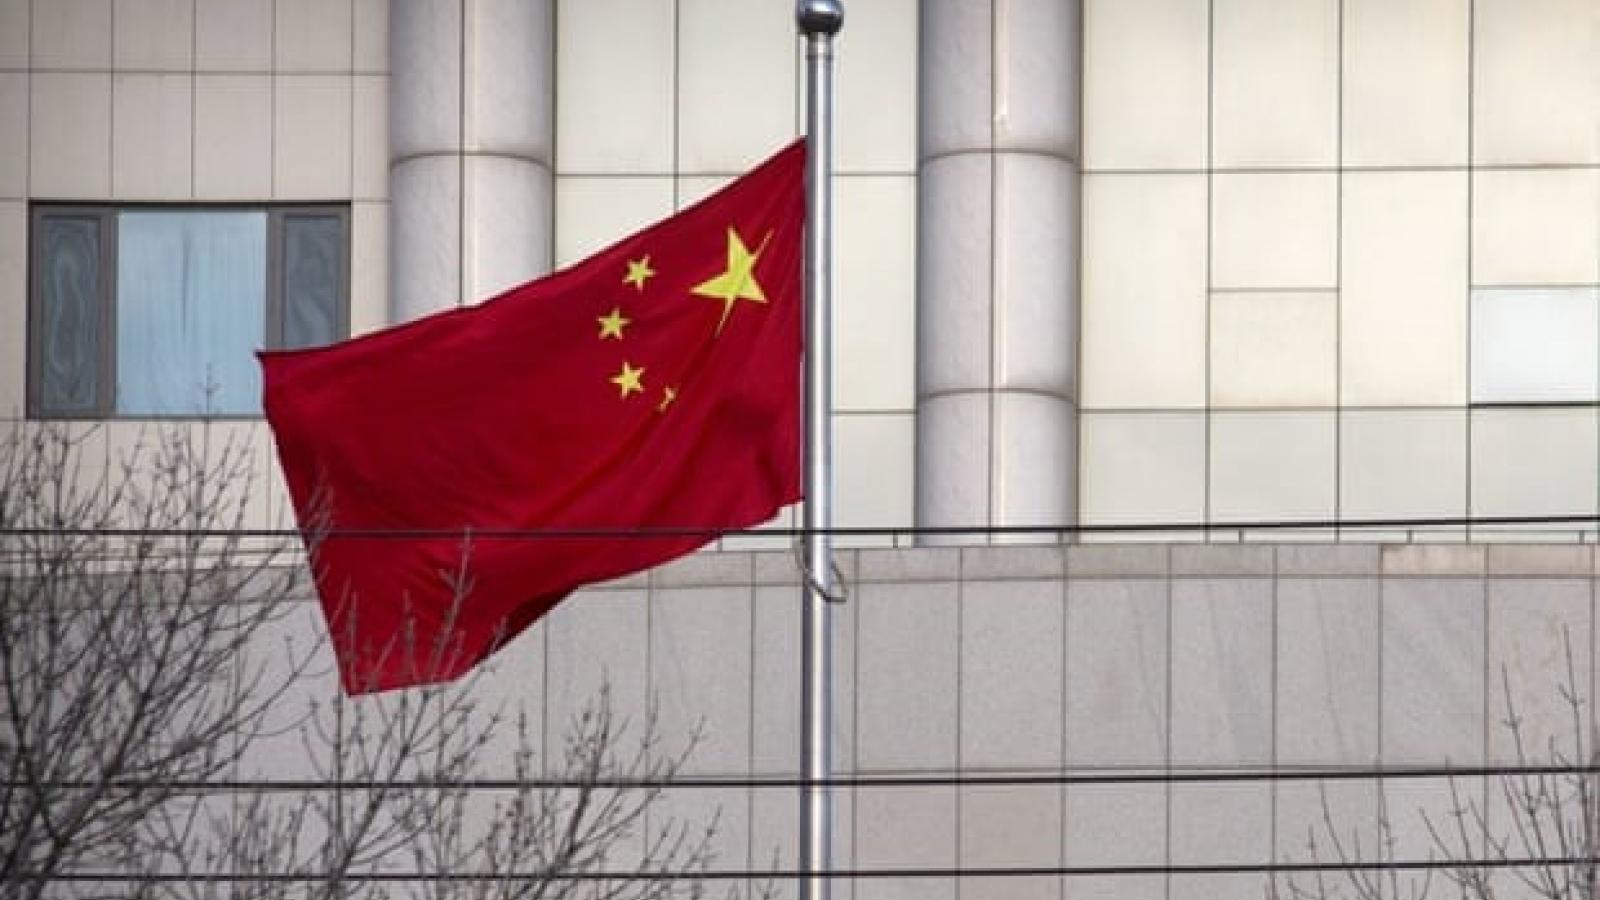 Trung Quốcáp đặt các lệnh trừng phạt mới nhằm vào Mỹvà Canada